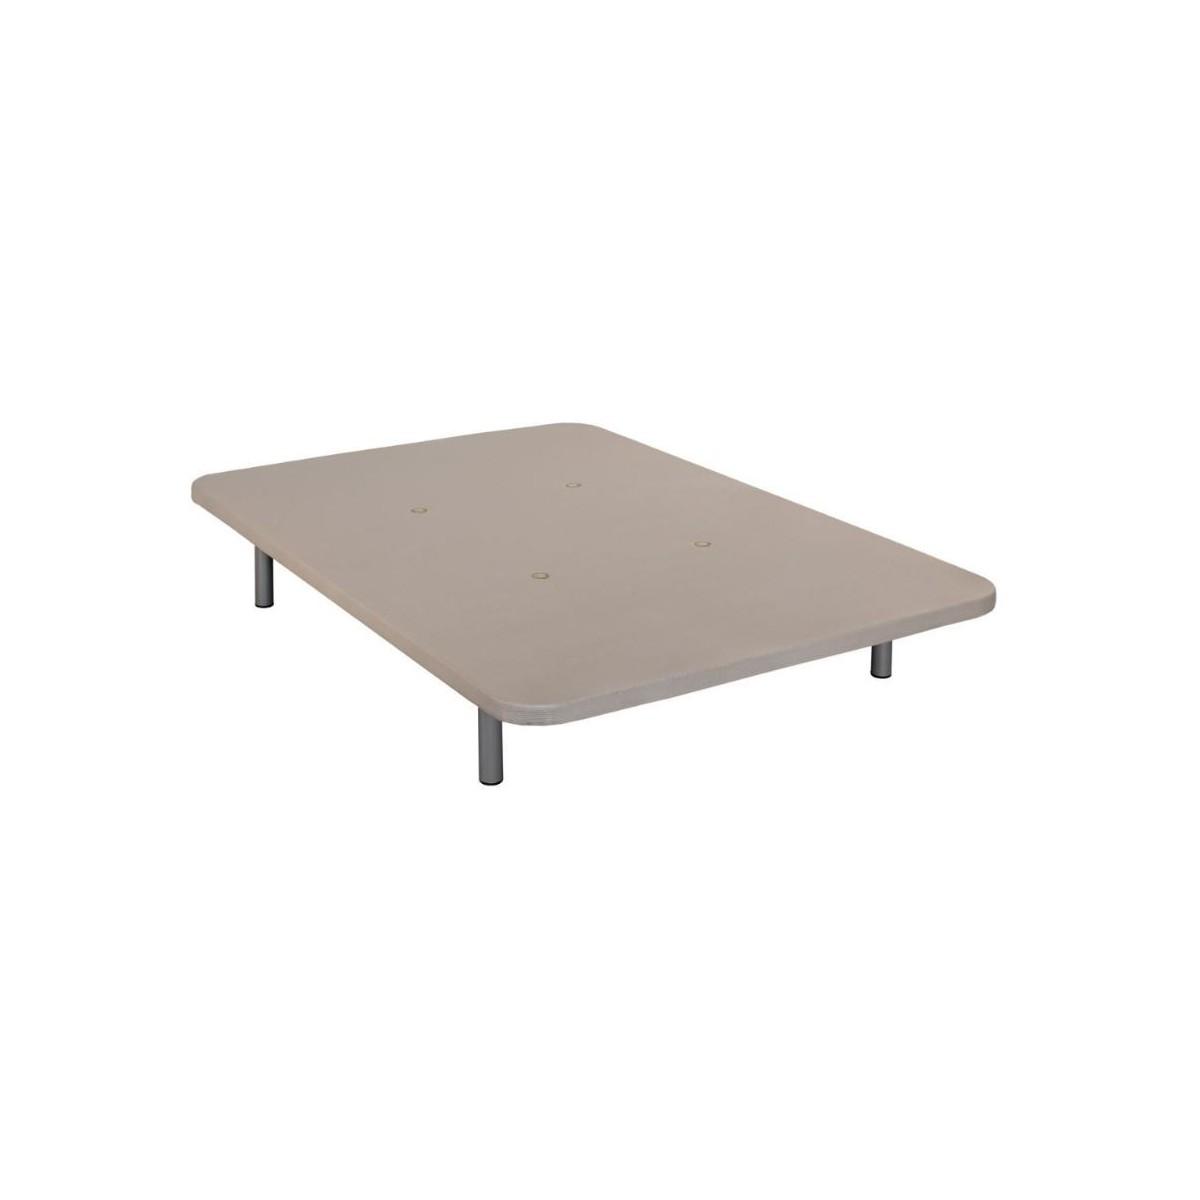 Base tapizada 150x200 cm